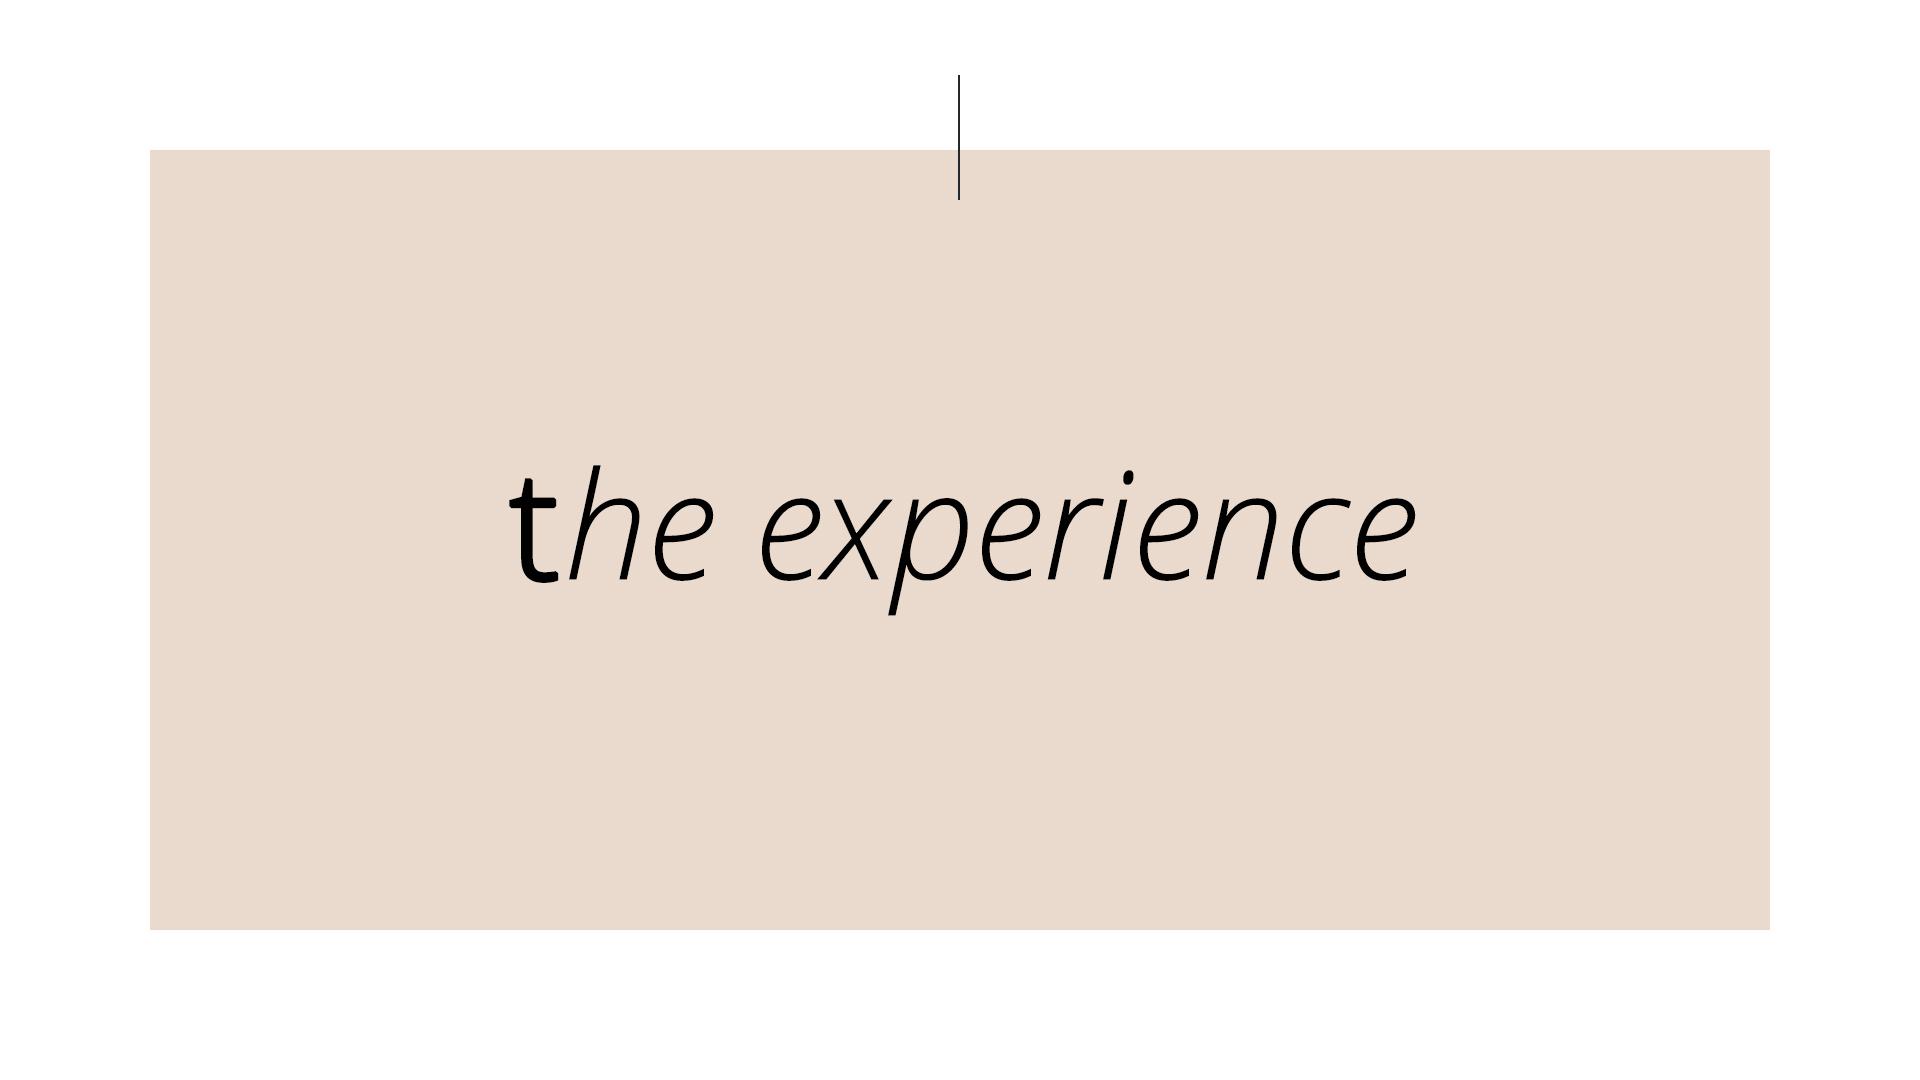 """- sabemos que organizar una boda puede ser muy """"estresante"""" y que vuestro tiempo es muy valioso, por eso ponemos todo nuestro esfuerzo para que viváis vuestra experiencia de la mejor forma posible.te atenderemos en un espacio tranquilo y acogedor, en el que podremos tomarnos un café y hablar de vuestra boda, vuestros sueños e ilusiones y conocer vuestras expectativas para ese día.pondremos nuestra experiencia a vuestro servicio y no os sentiréis solos en éste gran proyecto.contratar Carles Figuerola Studio supone un plus de atención y trato personalizado para conseguir que vuestro día acabe siendo perfectamente único."""